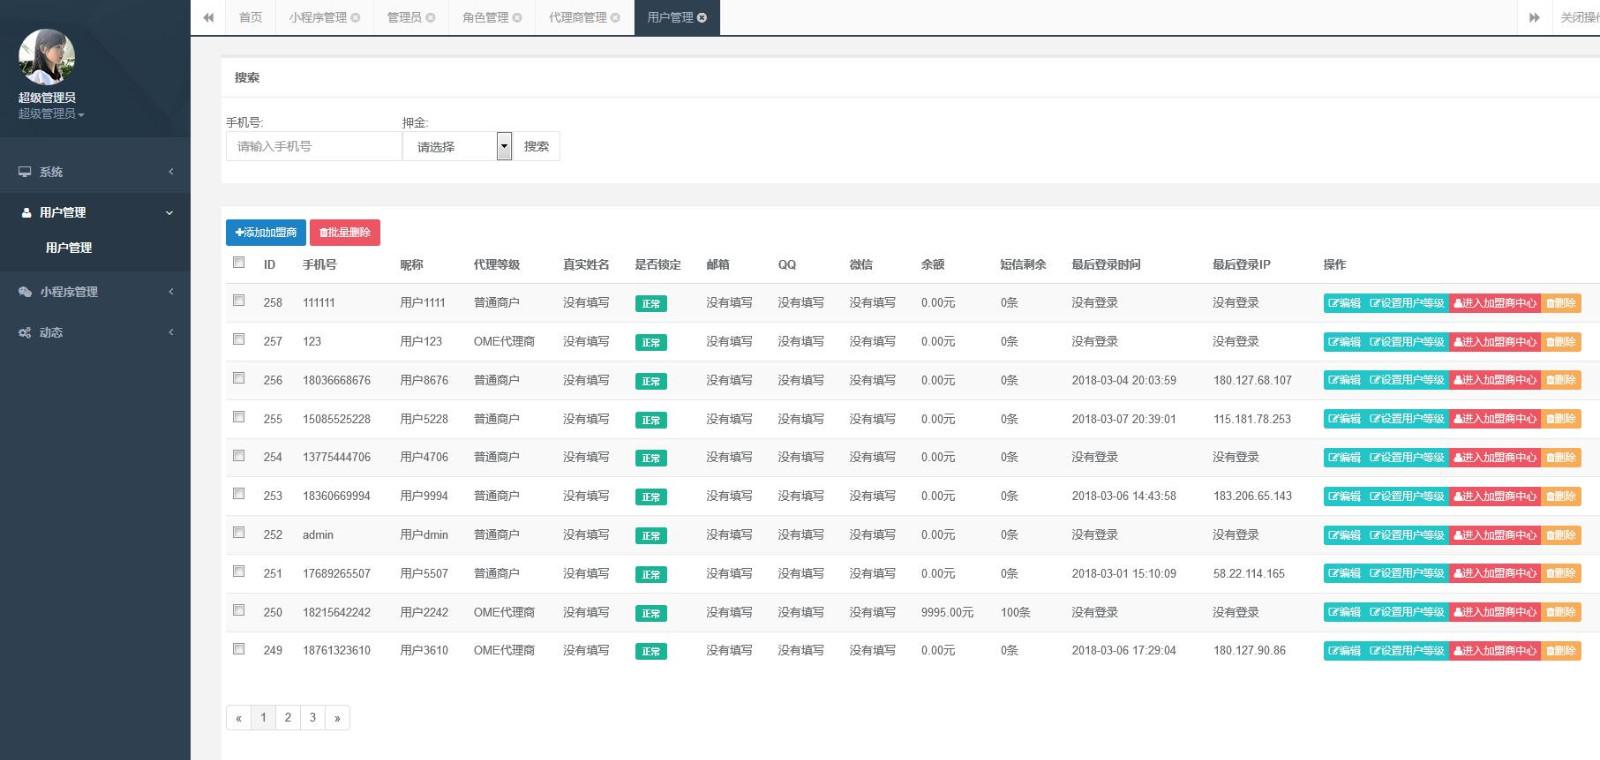 空间刷赞在线网站源码下载_空间说说刷赞在线 (https://www.oilcn.net.cn/) 综合教程 第2张